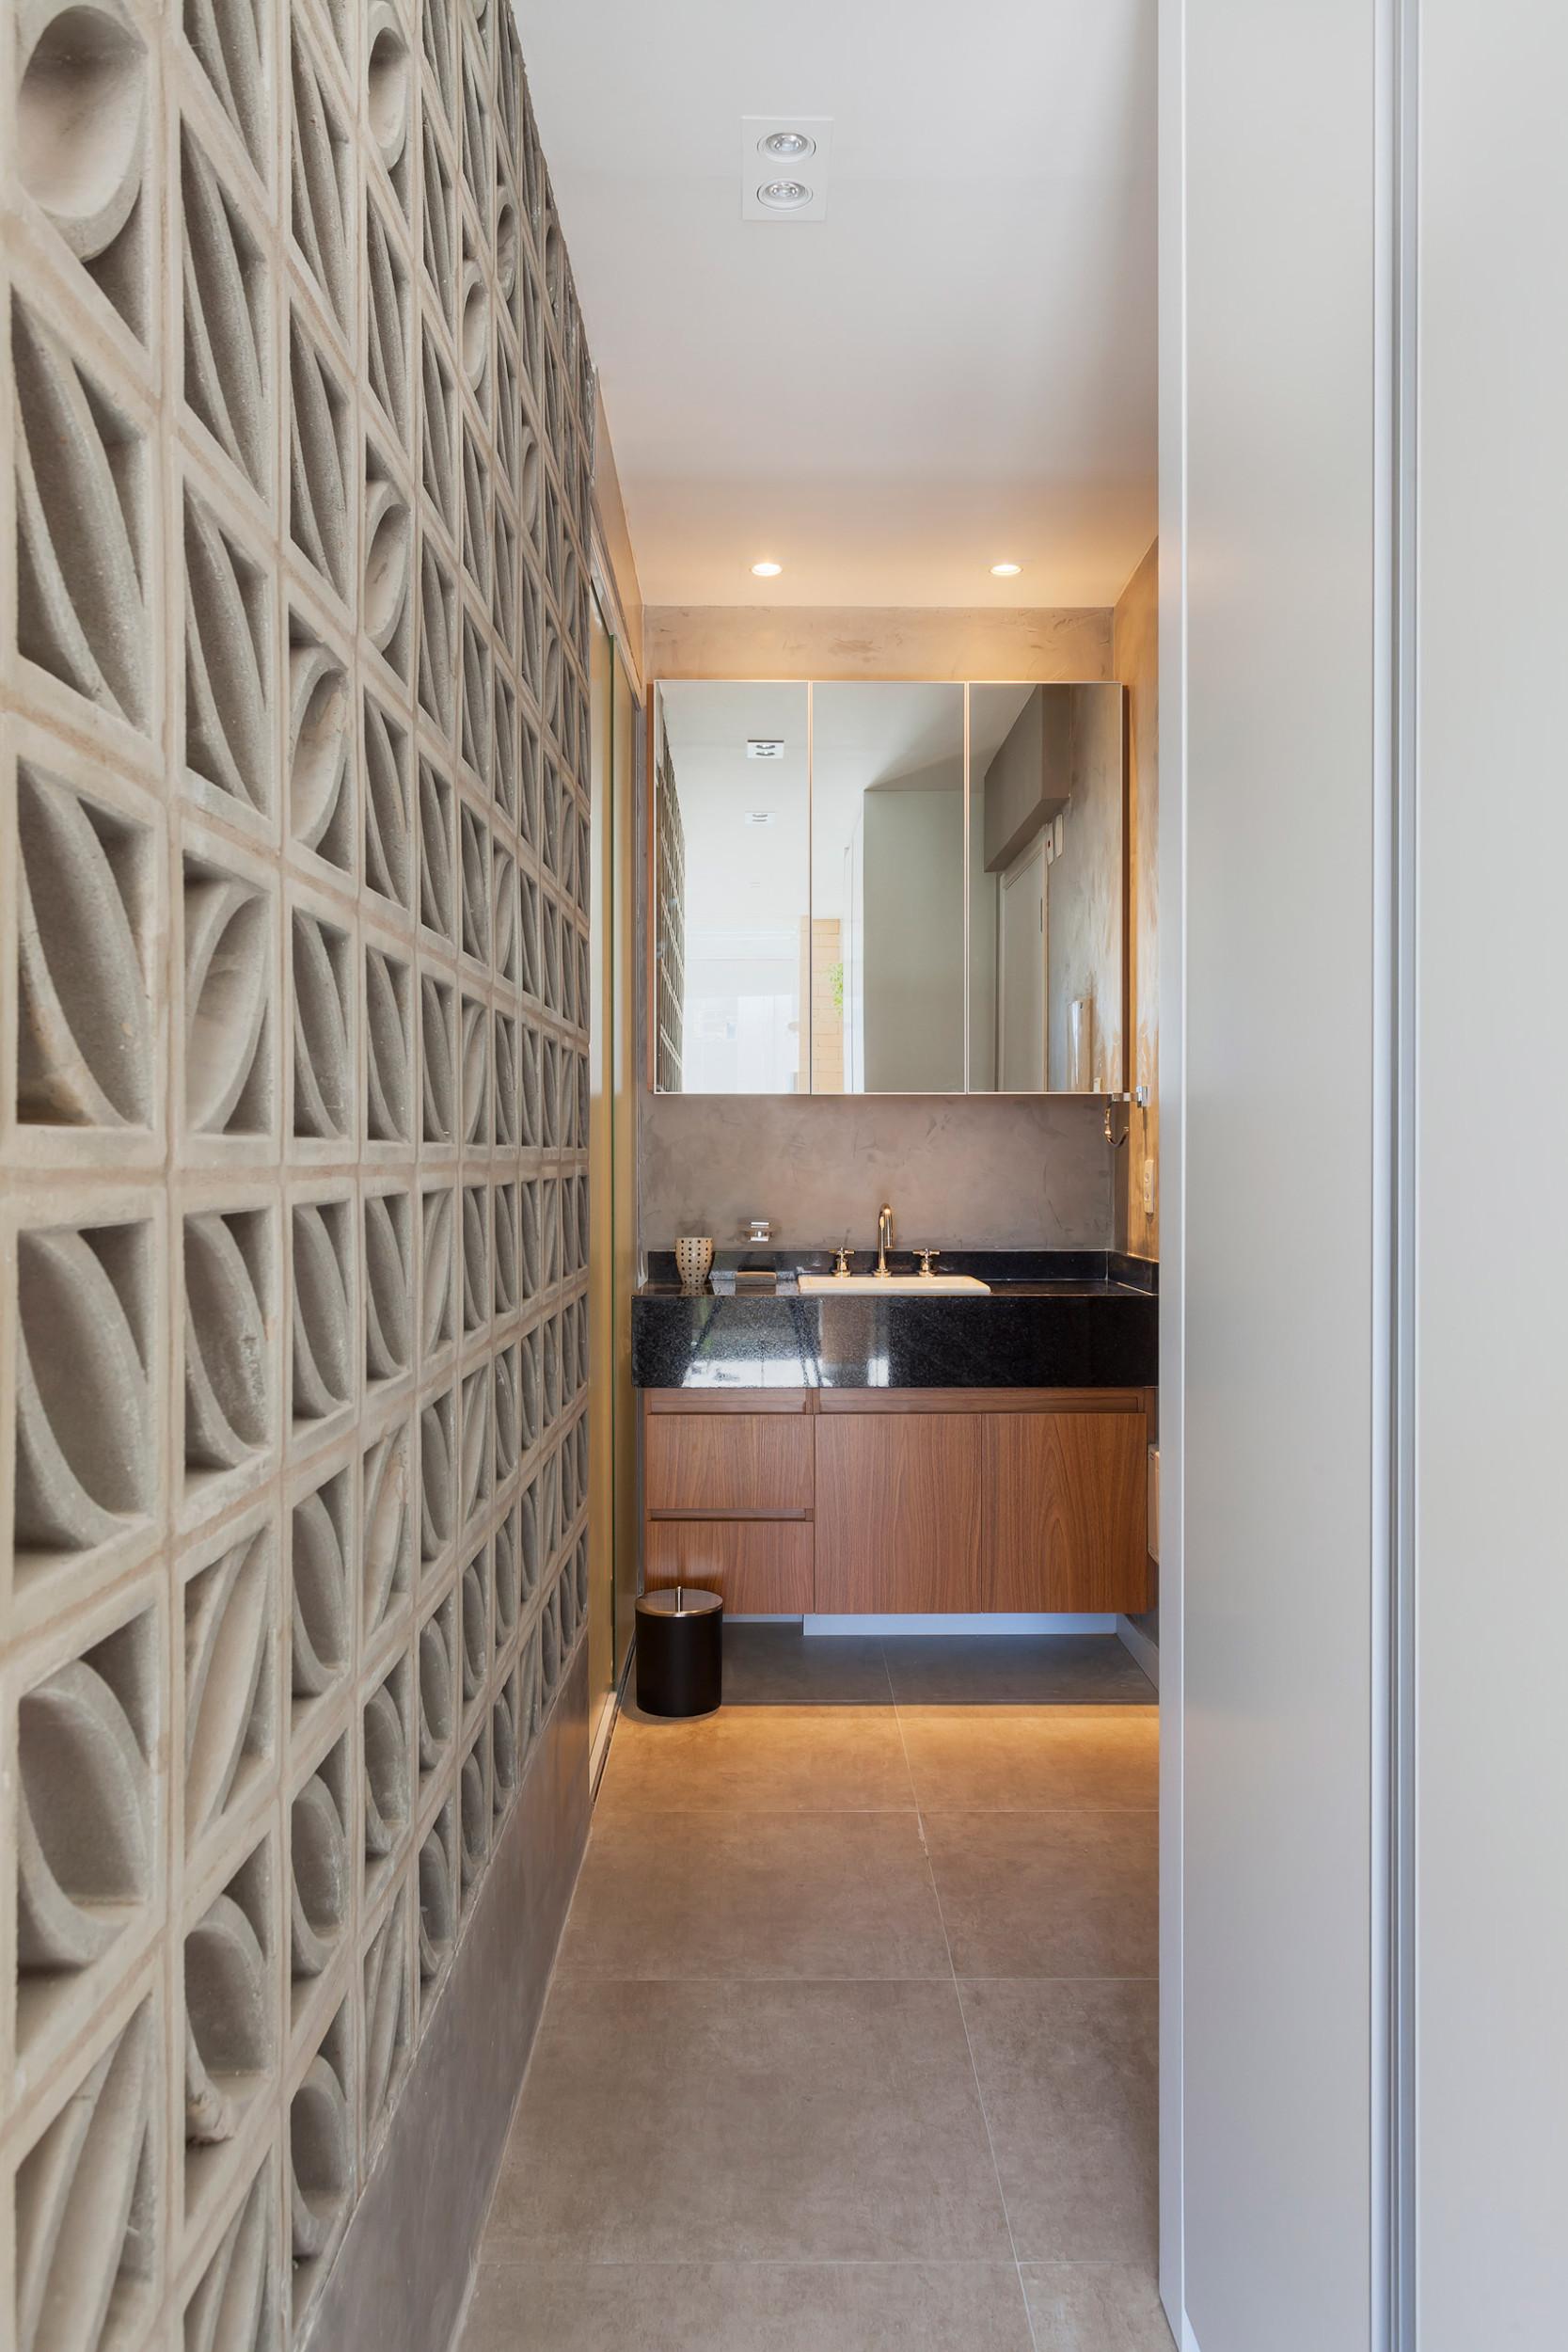 Lối dẫn vào phòng tắm. Bên cạnh lối đi là chiếc tủ cao kịch trần và bức tường gạch lỗ hoạ tiết